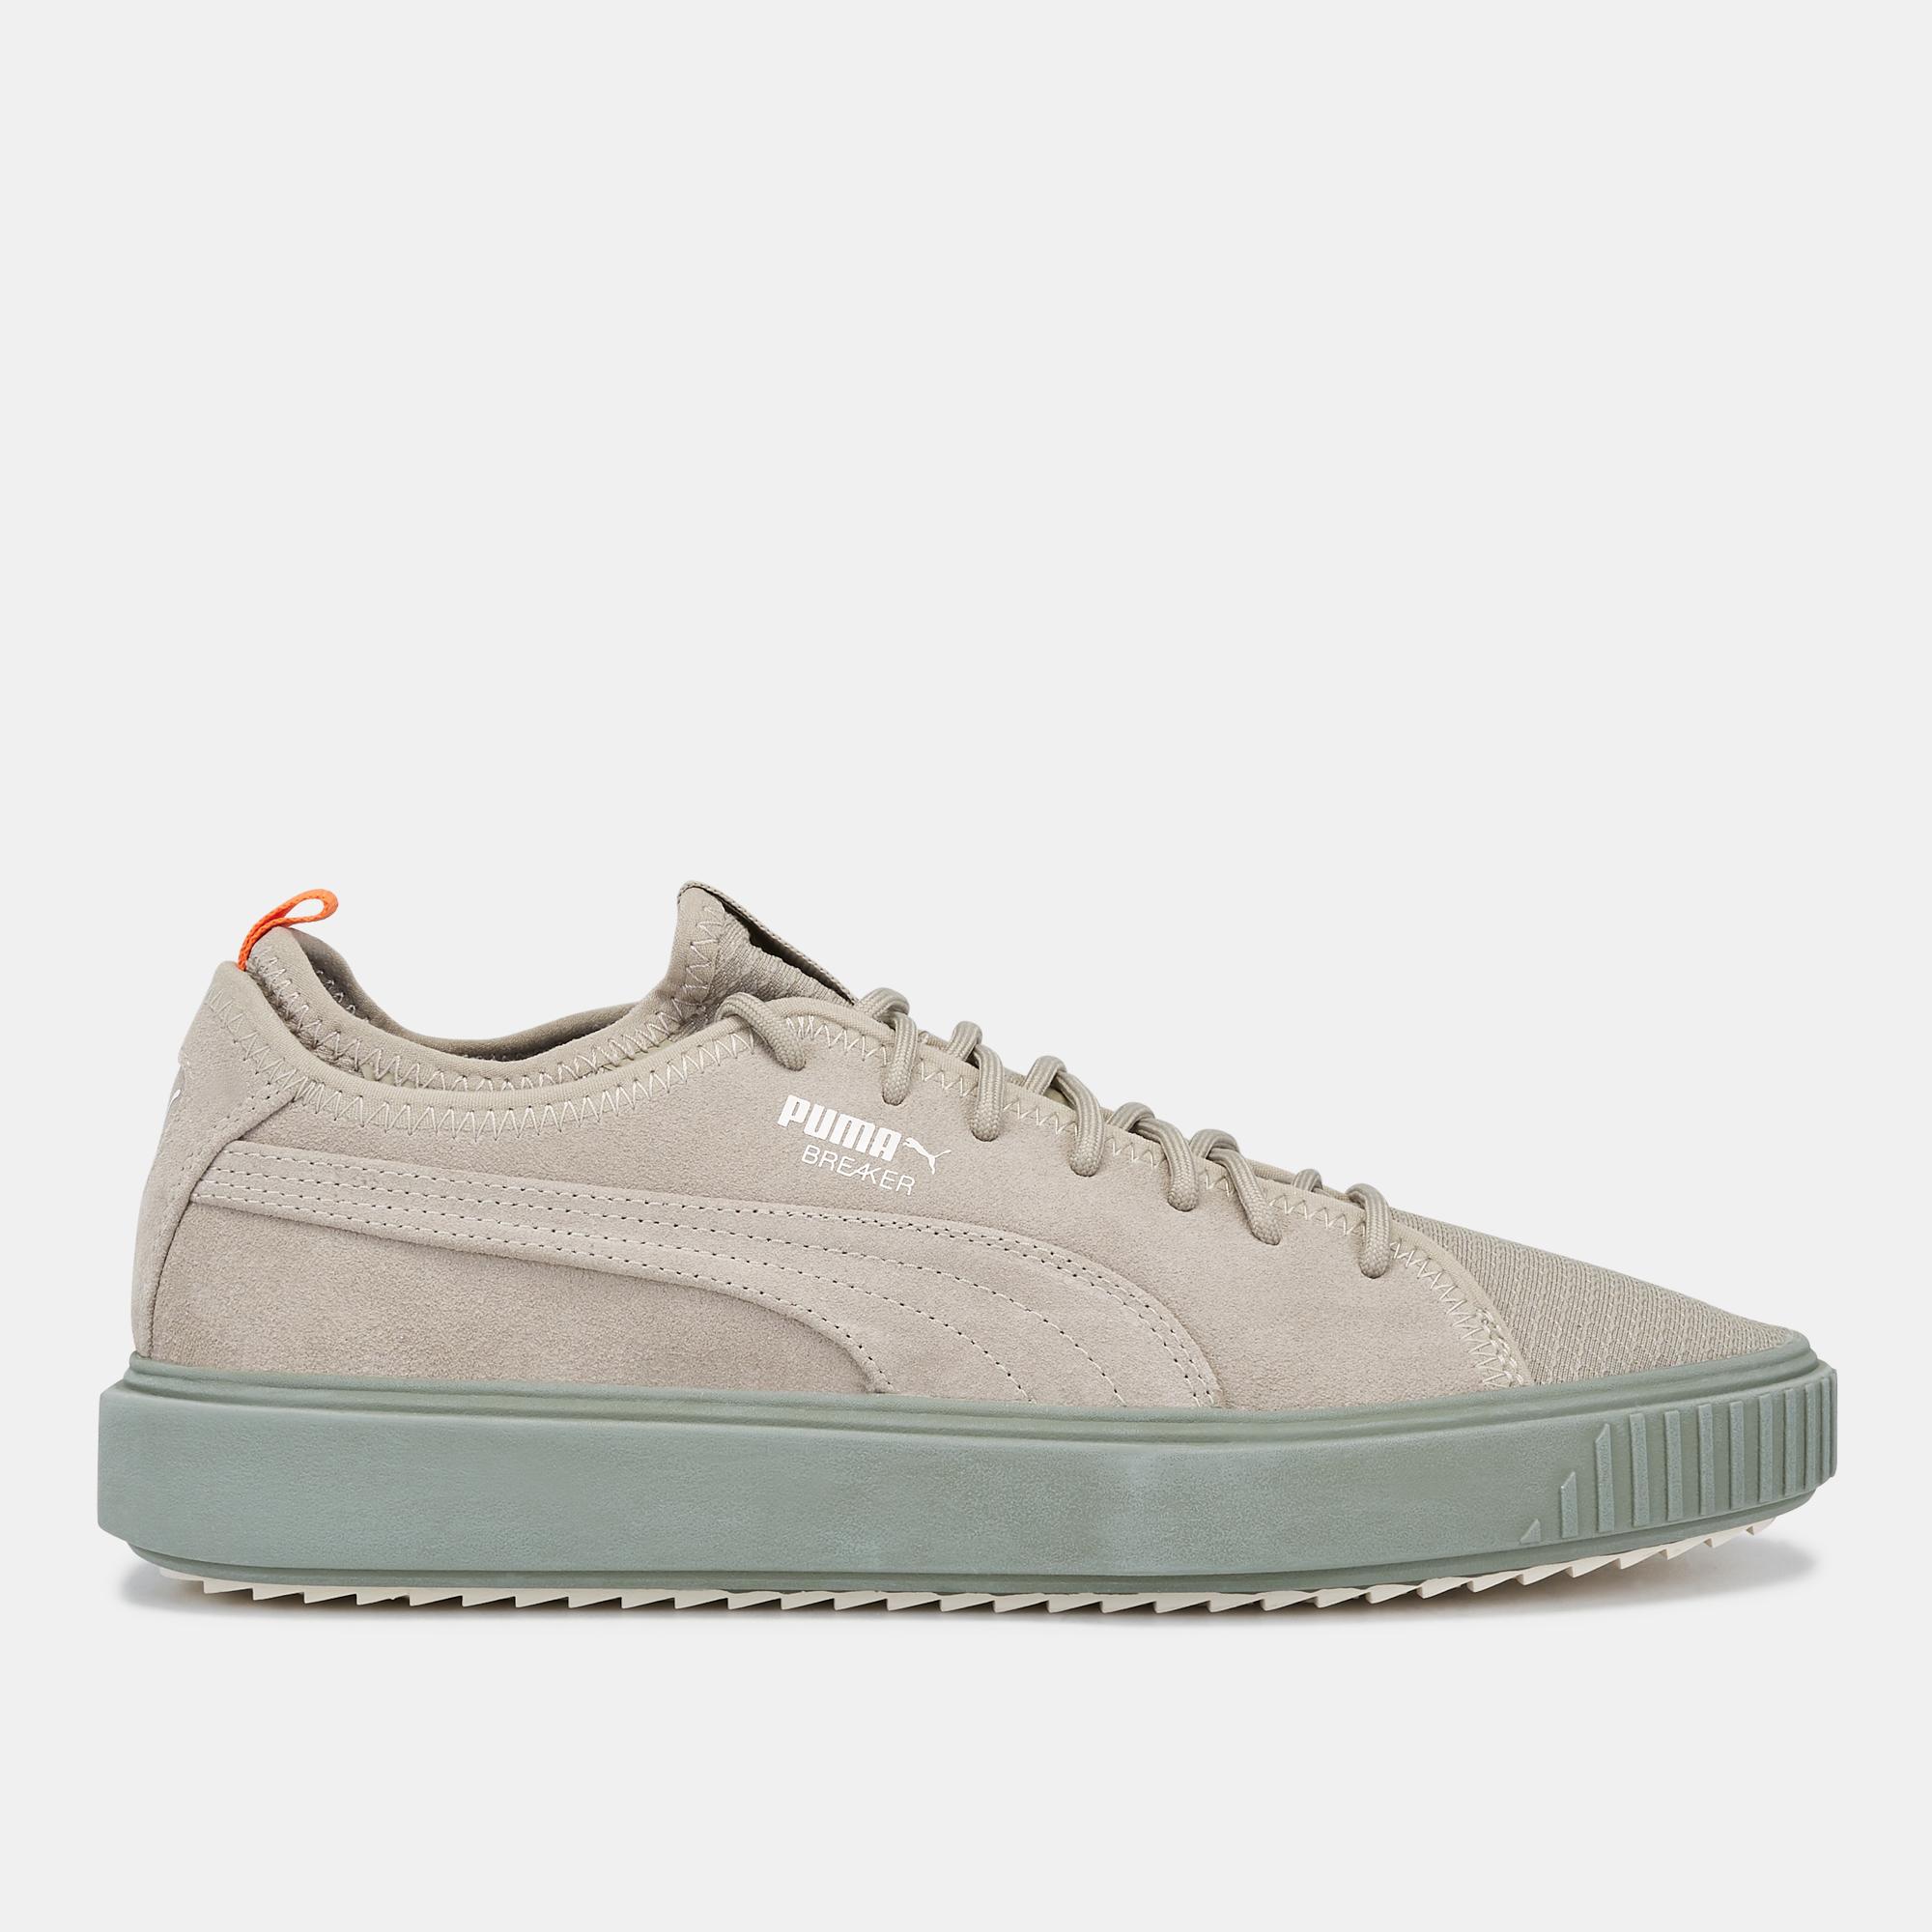 c71421c469a5 Shop multi puma breaker mesh fof shoe sneakers shoes sports fashion sports  sss jpg 2000x2000 Breaker